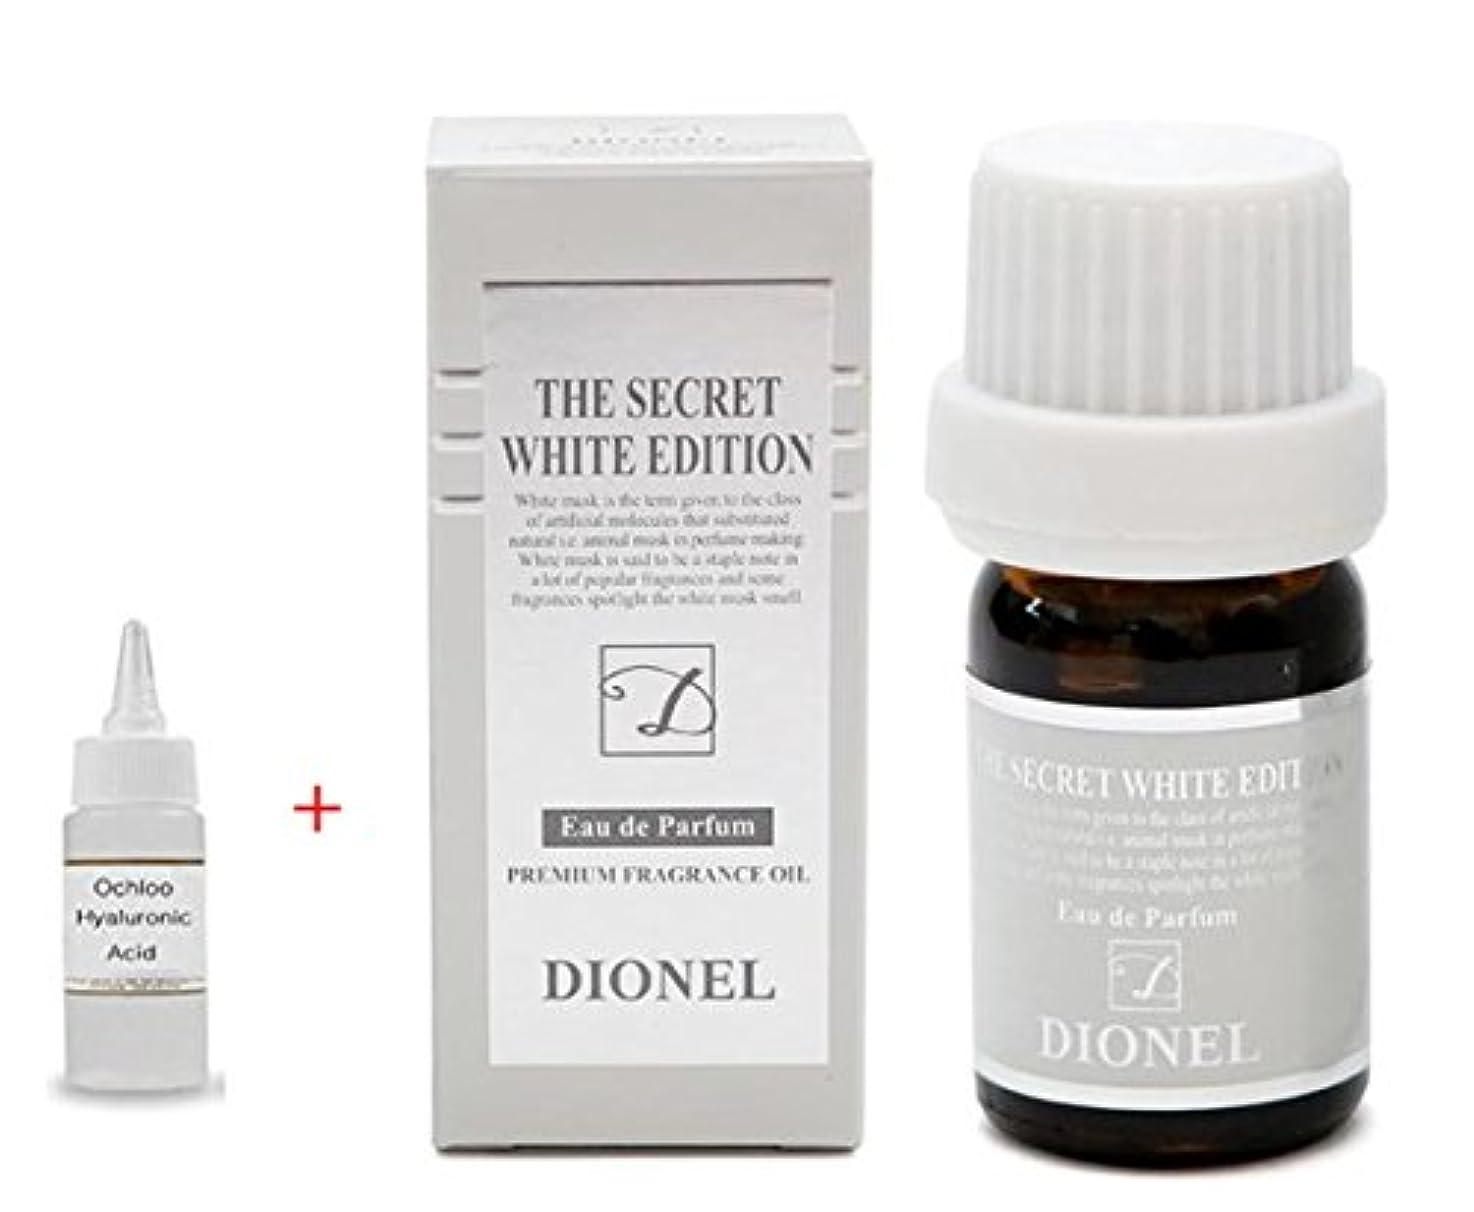 粗い位置する穀物[Dionel] 香水のような女性清潔剤、プレミアムアロマエッセンス Love Secret White Edition Dionel 5ml. ラブブラックエディション、一滴の奇跡. Made in Korea + +...